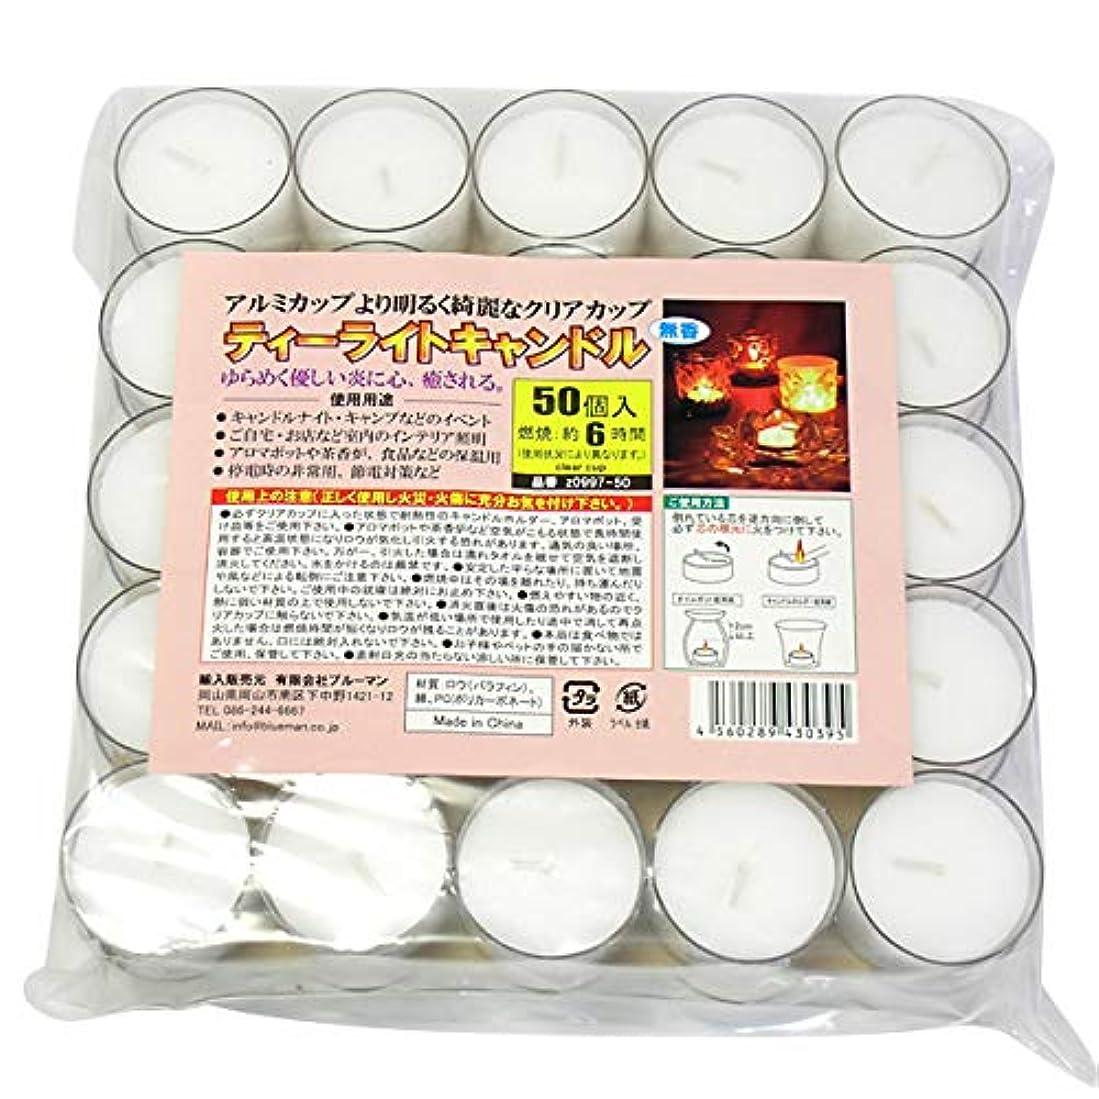 カロリーうるさい約束するティーライトキャンドル クリアカップ 燃焼 約6時間 1,000個 ティーキャンドル ロウソク